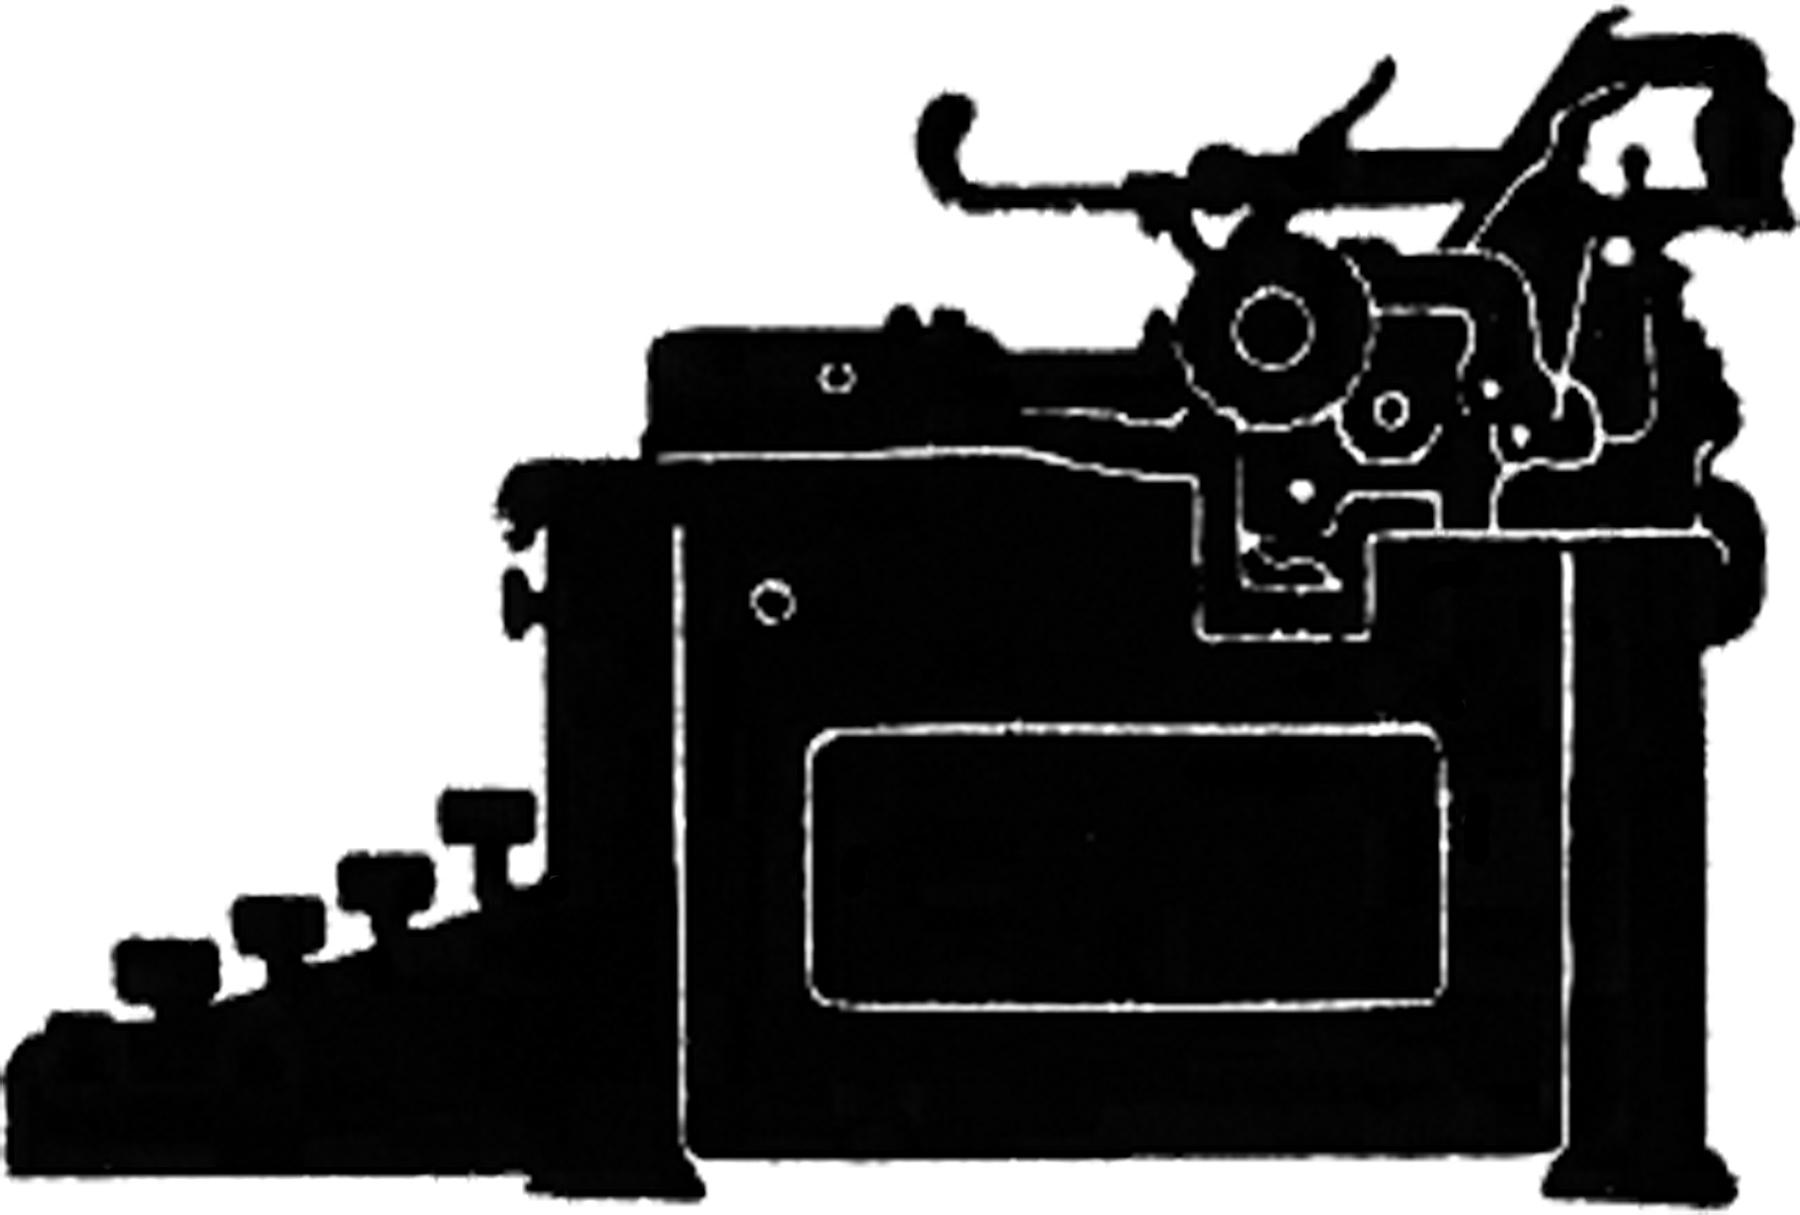 1800x1215 Vintage Typewriter Silhouette Image!